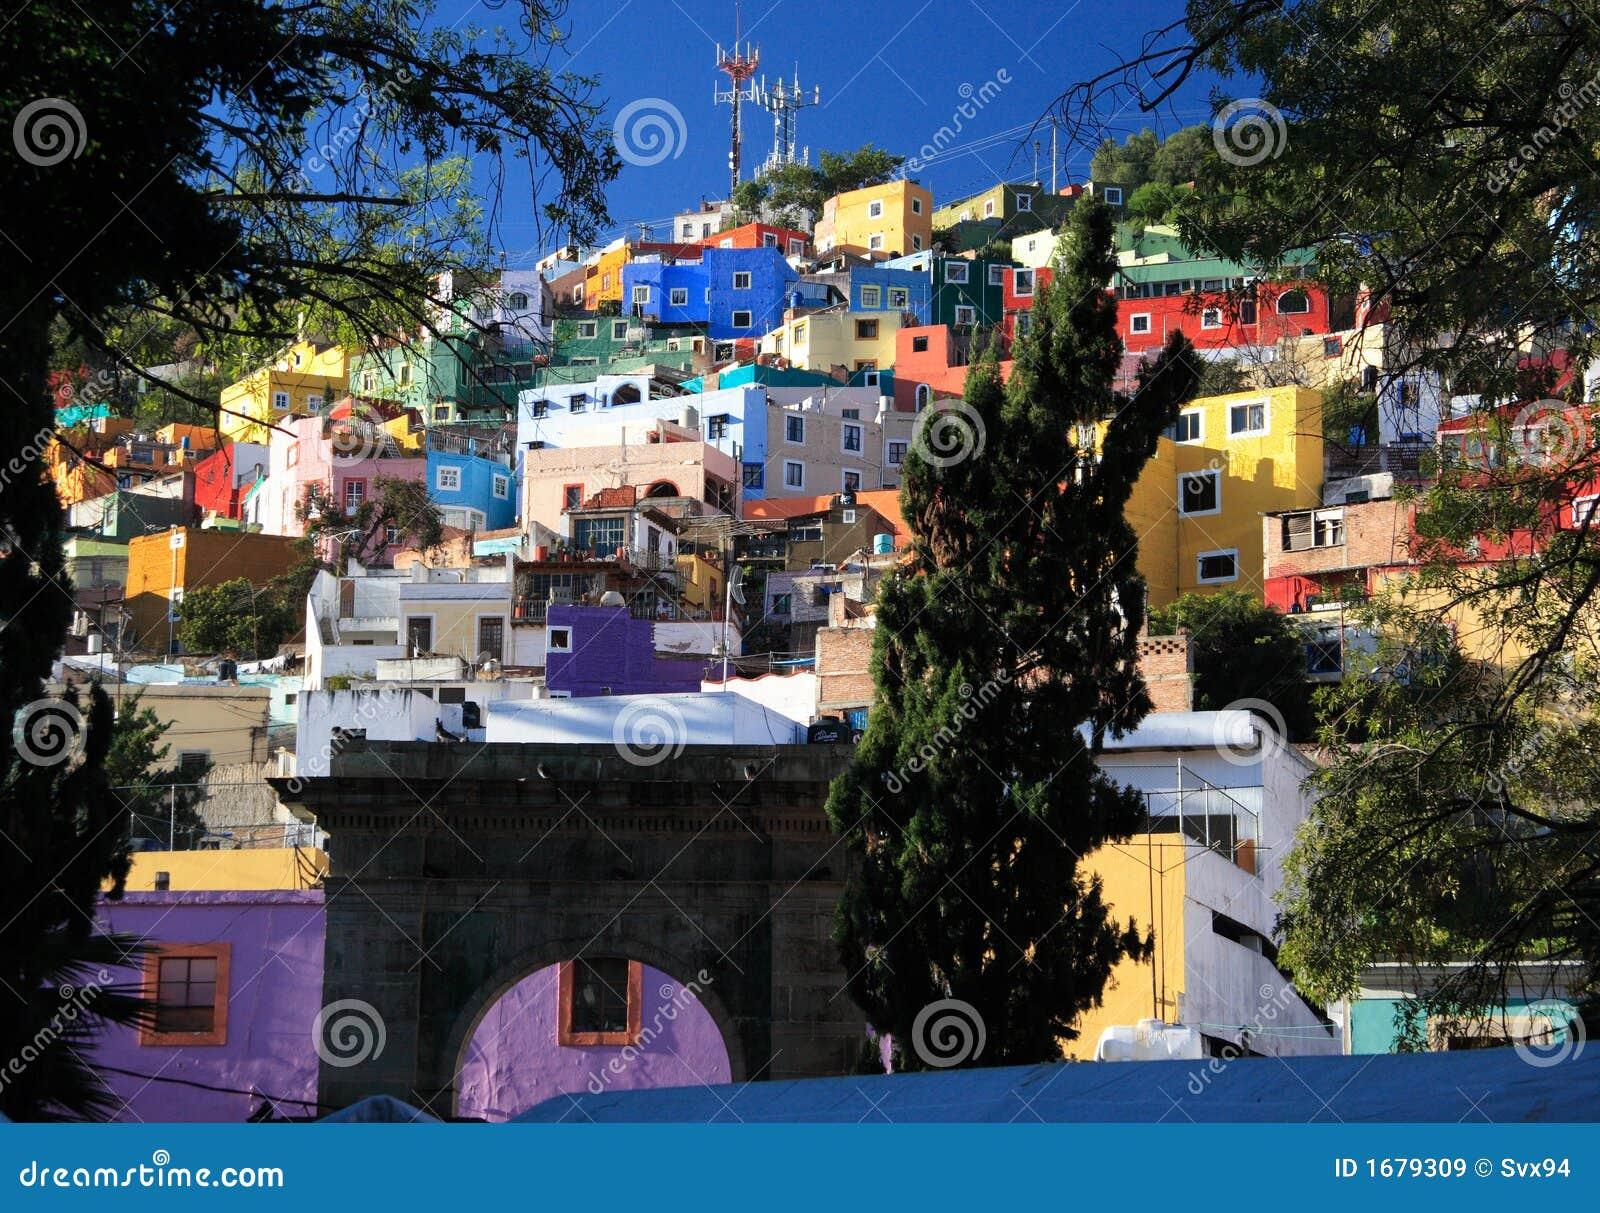 Ciudad histórica de Guanajuato, México